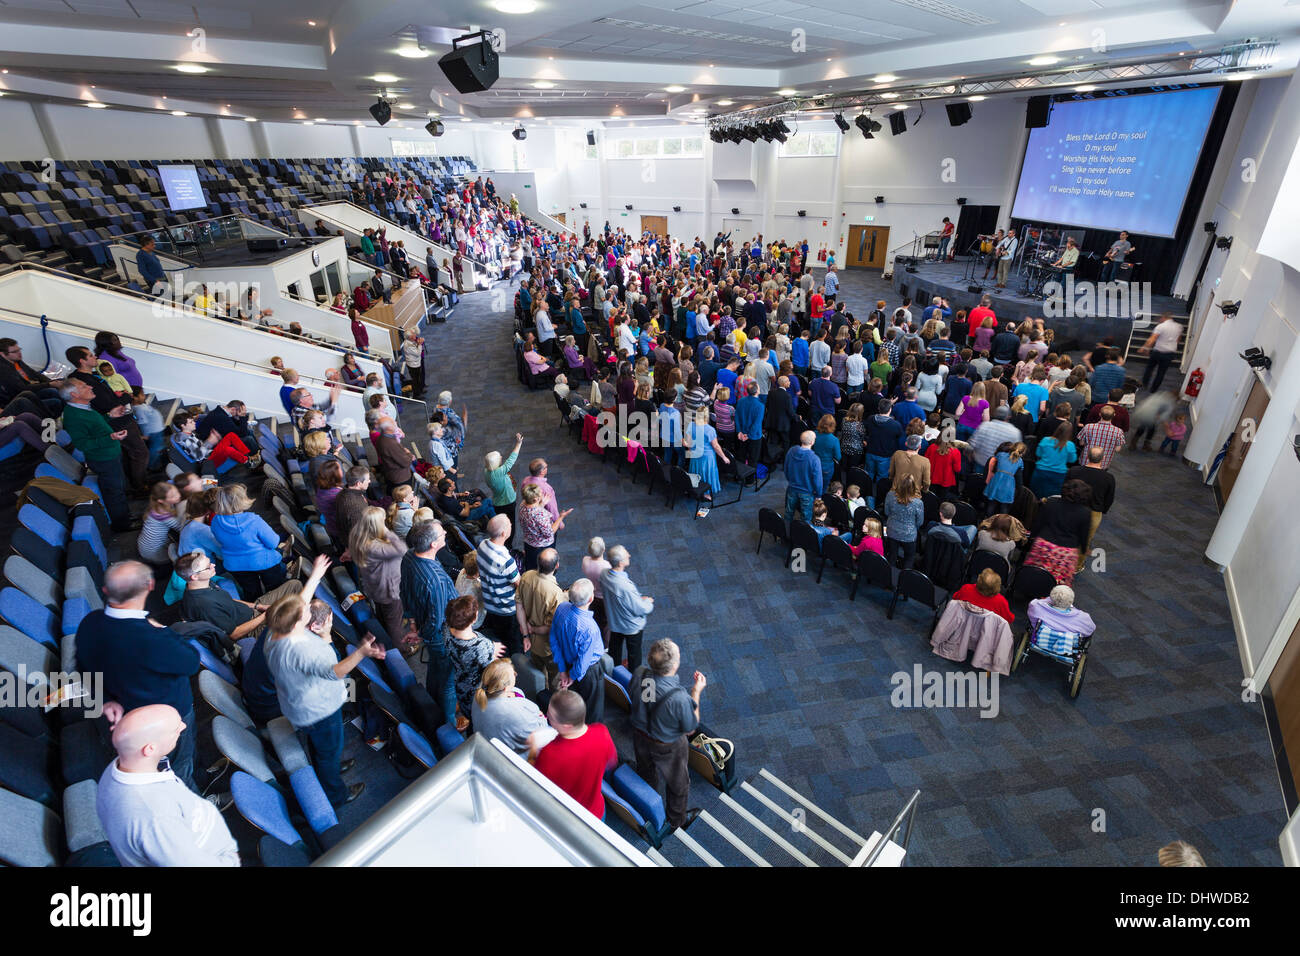 Congrégation participant au culte contemporain de la musique pendant le culte de dimanche à l'intérieur de la grande église moderne Kings Community. Photo Stock